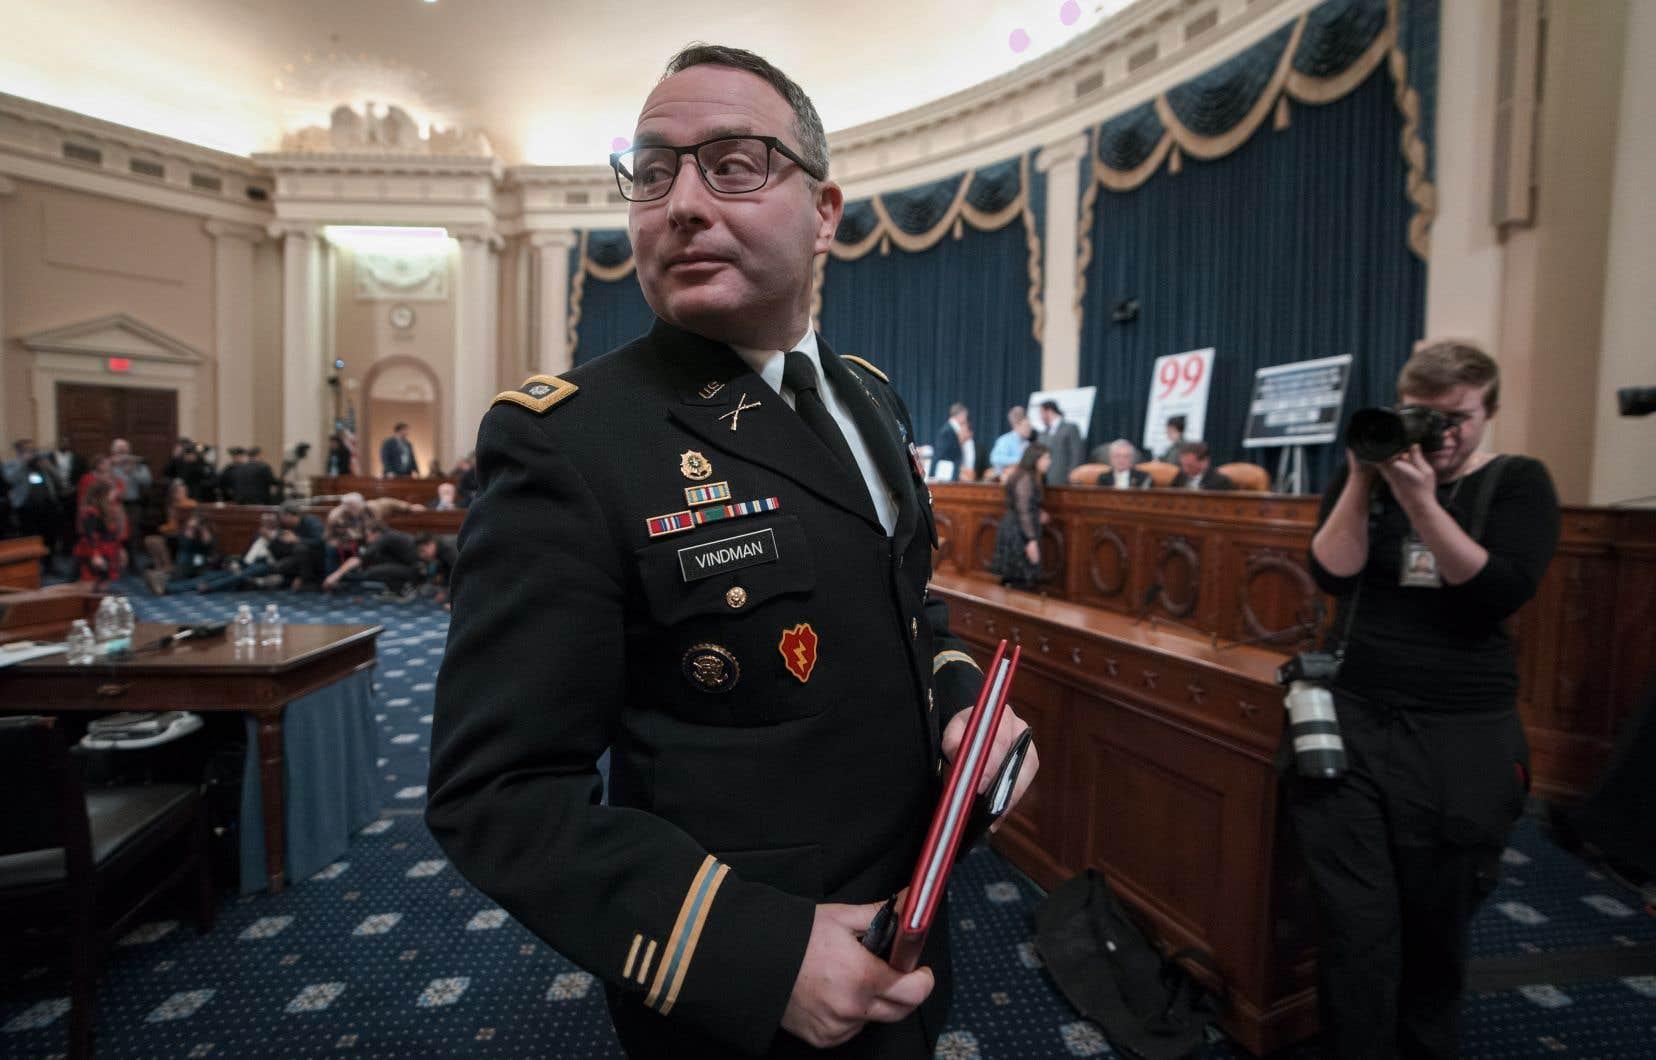 Le lieutenant-colonel Alexander Vindman, conseiller à la sécurité nationale à la Maison-Blanche, a témoigné mardi lors d'une audition publique au Congrès.